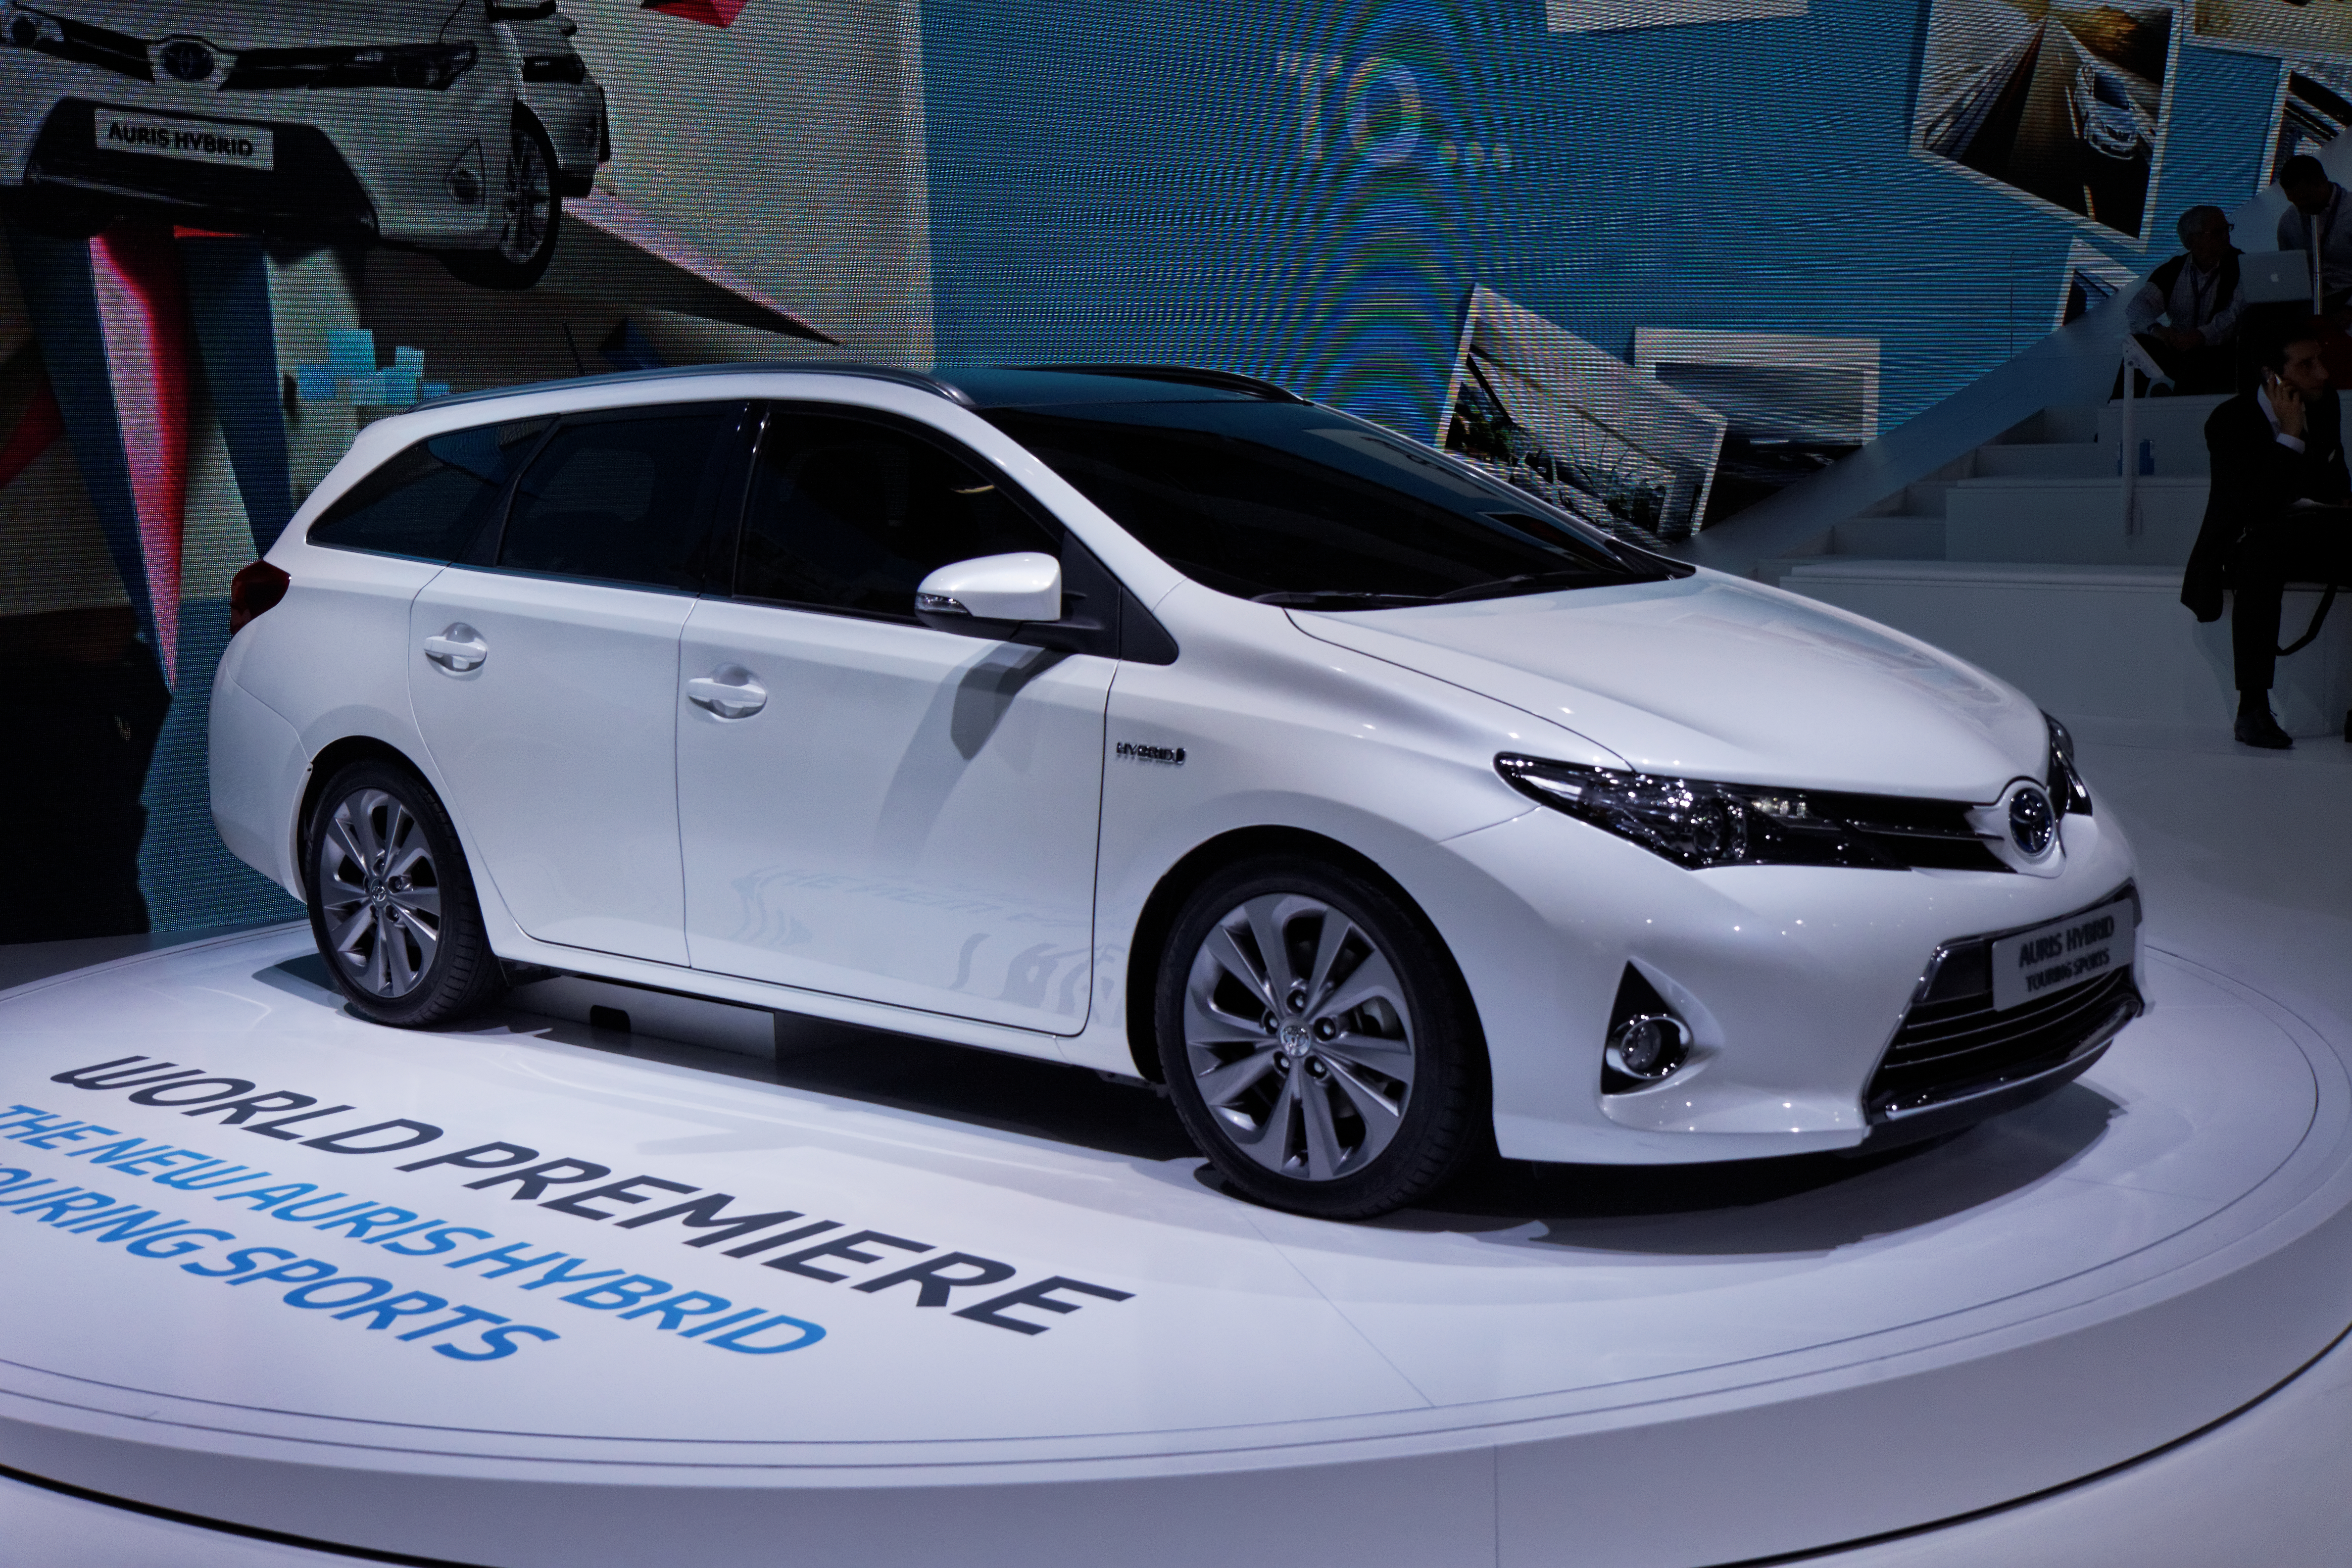 742e30445a6a6 File:Toyota - Auris Hybrid - Mondial de l'Automobile de Paris 2012 - 203.jpg